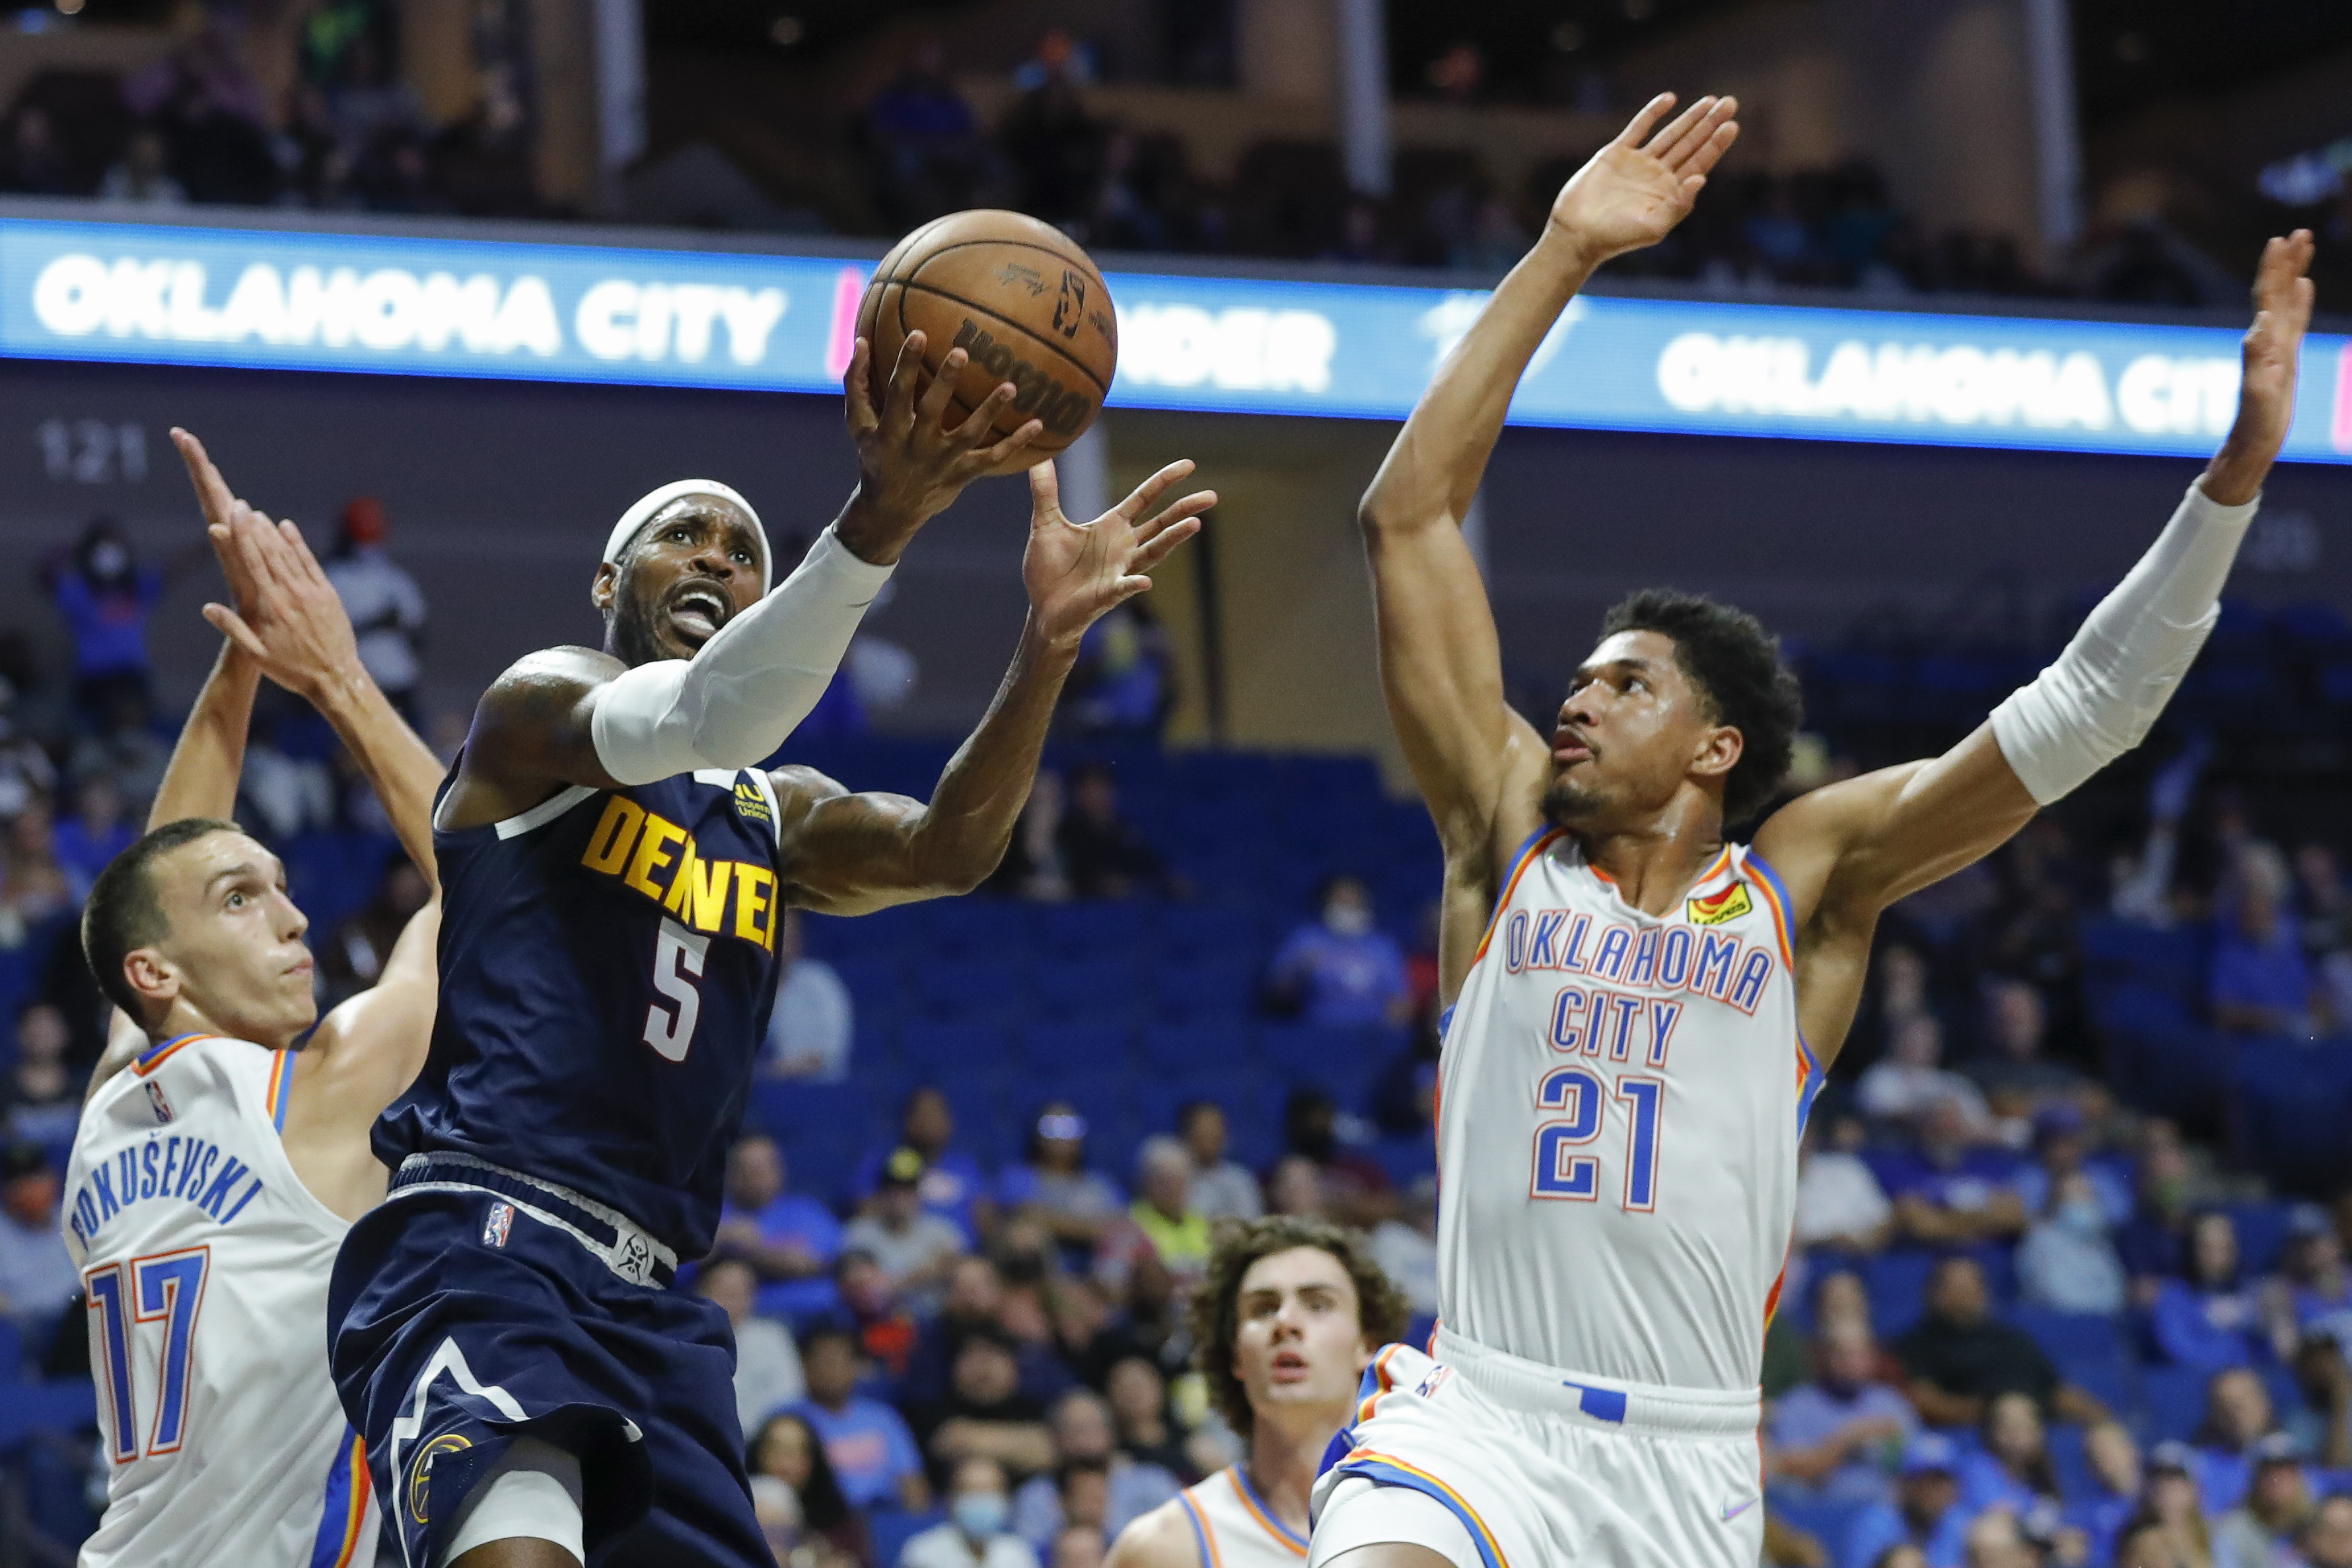 NBA: Preseason-Denver Nuggets at Oklahoma City Thunder